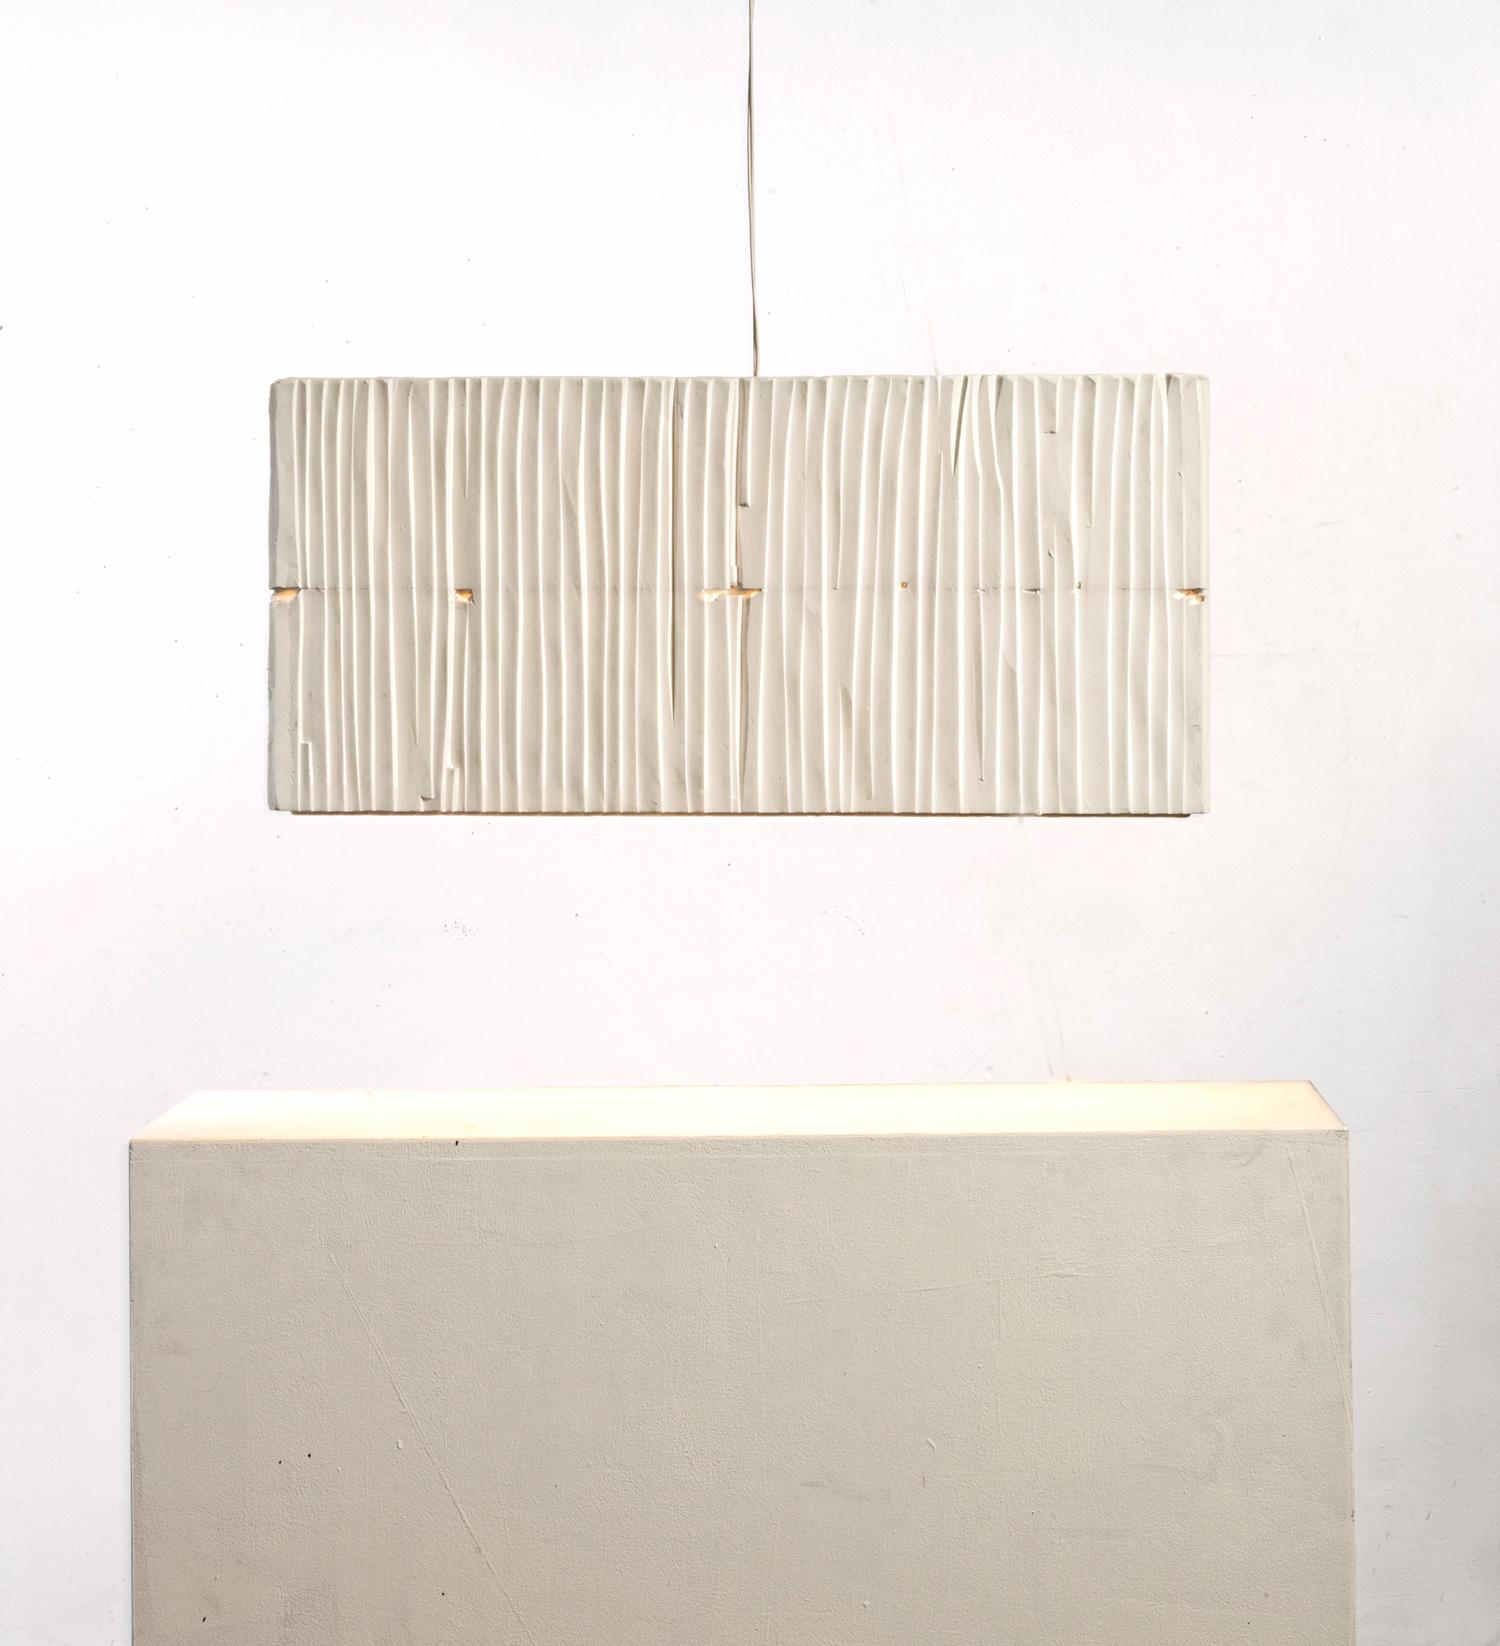 web222-gisela_stiegler_2_floor_lamp_white_frontal_view_marion_friedmann_gallery.jpg